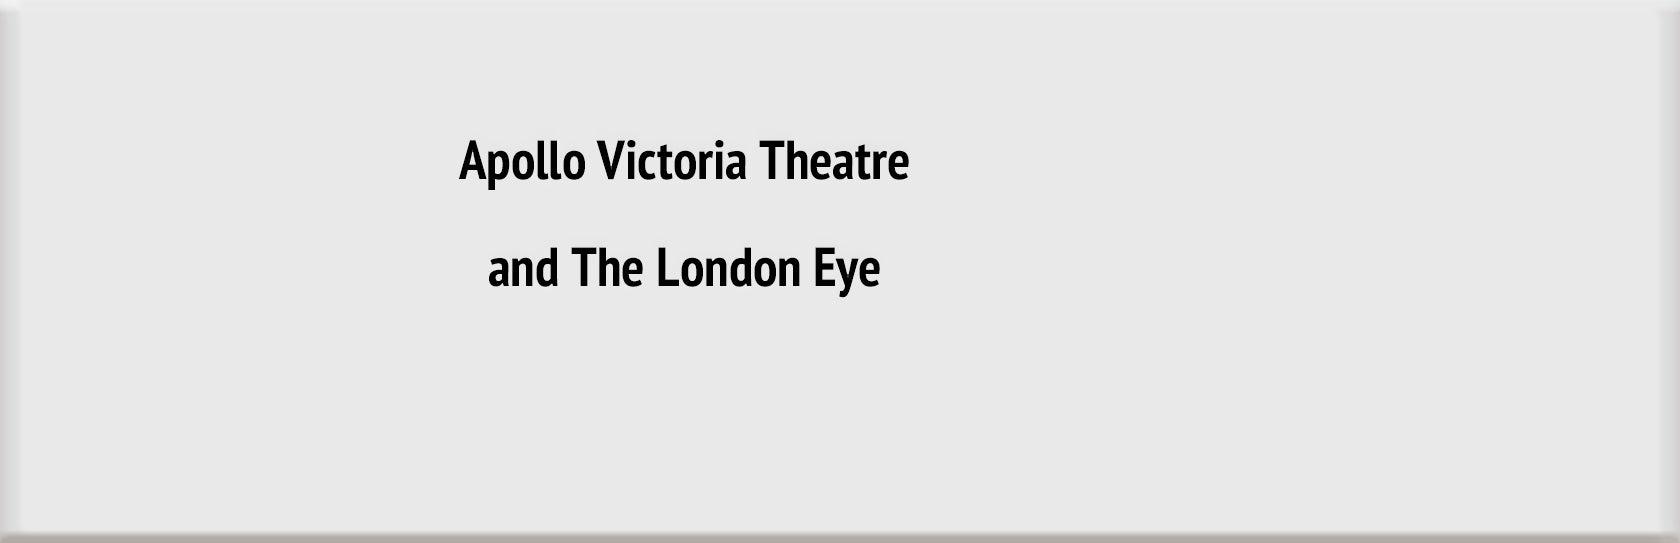 Apollo Victoria Theatre and The London Eye